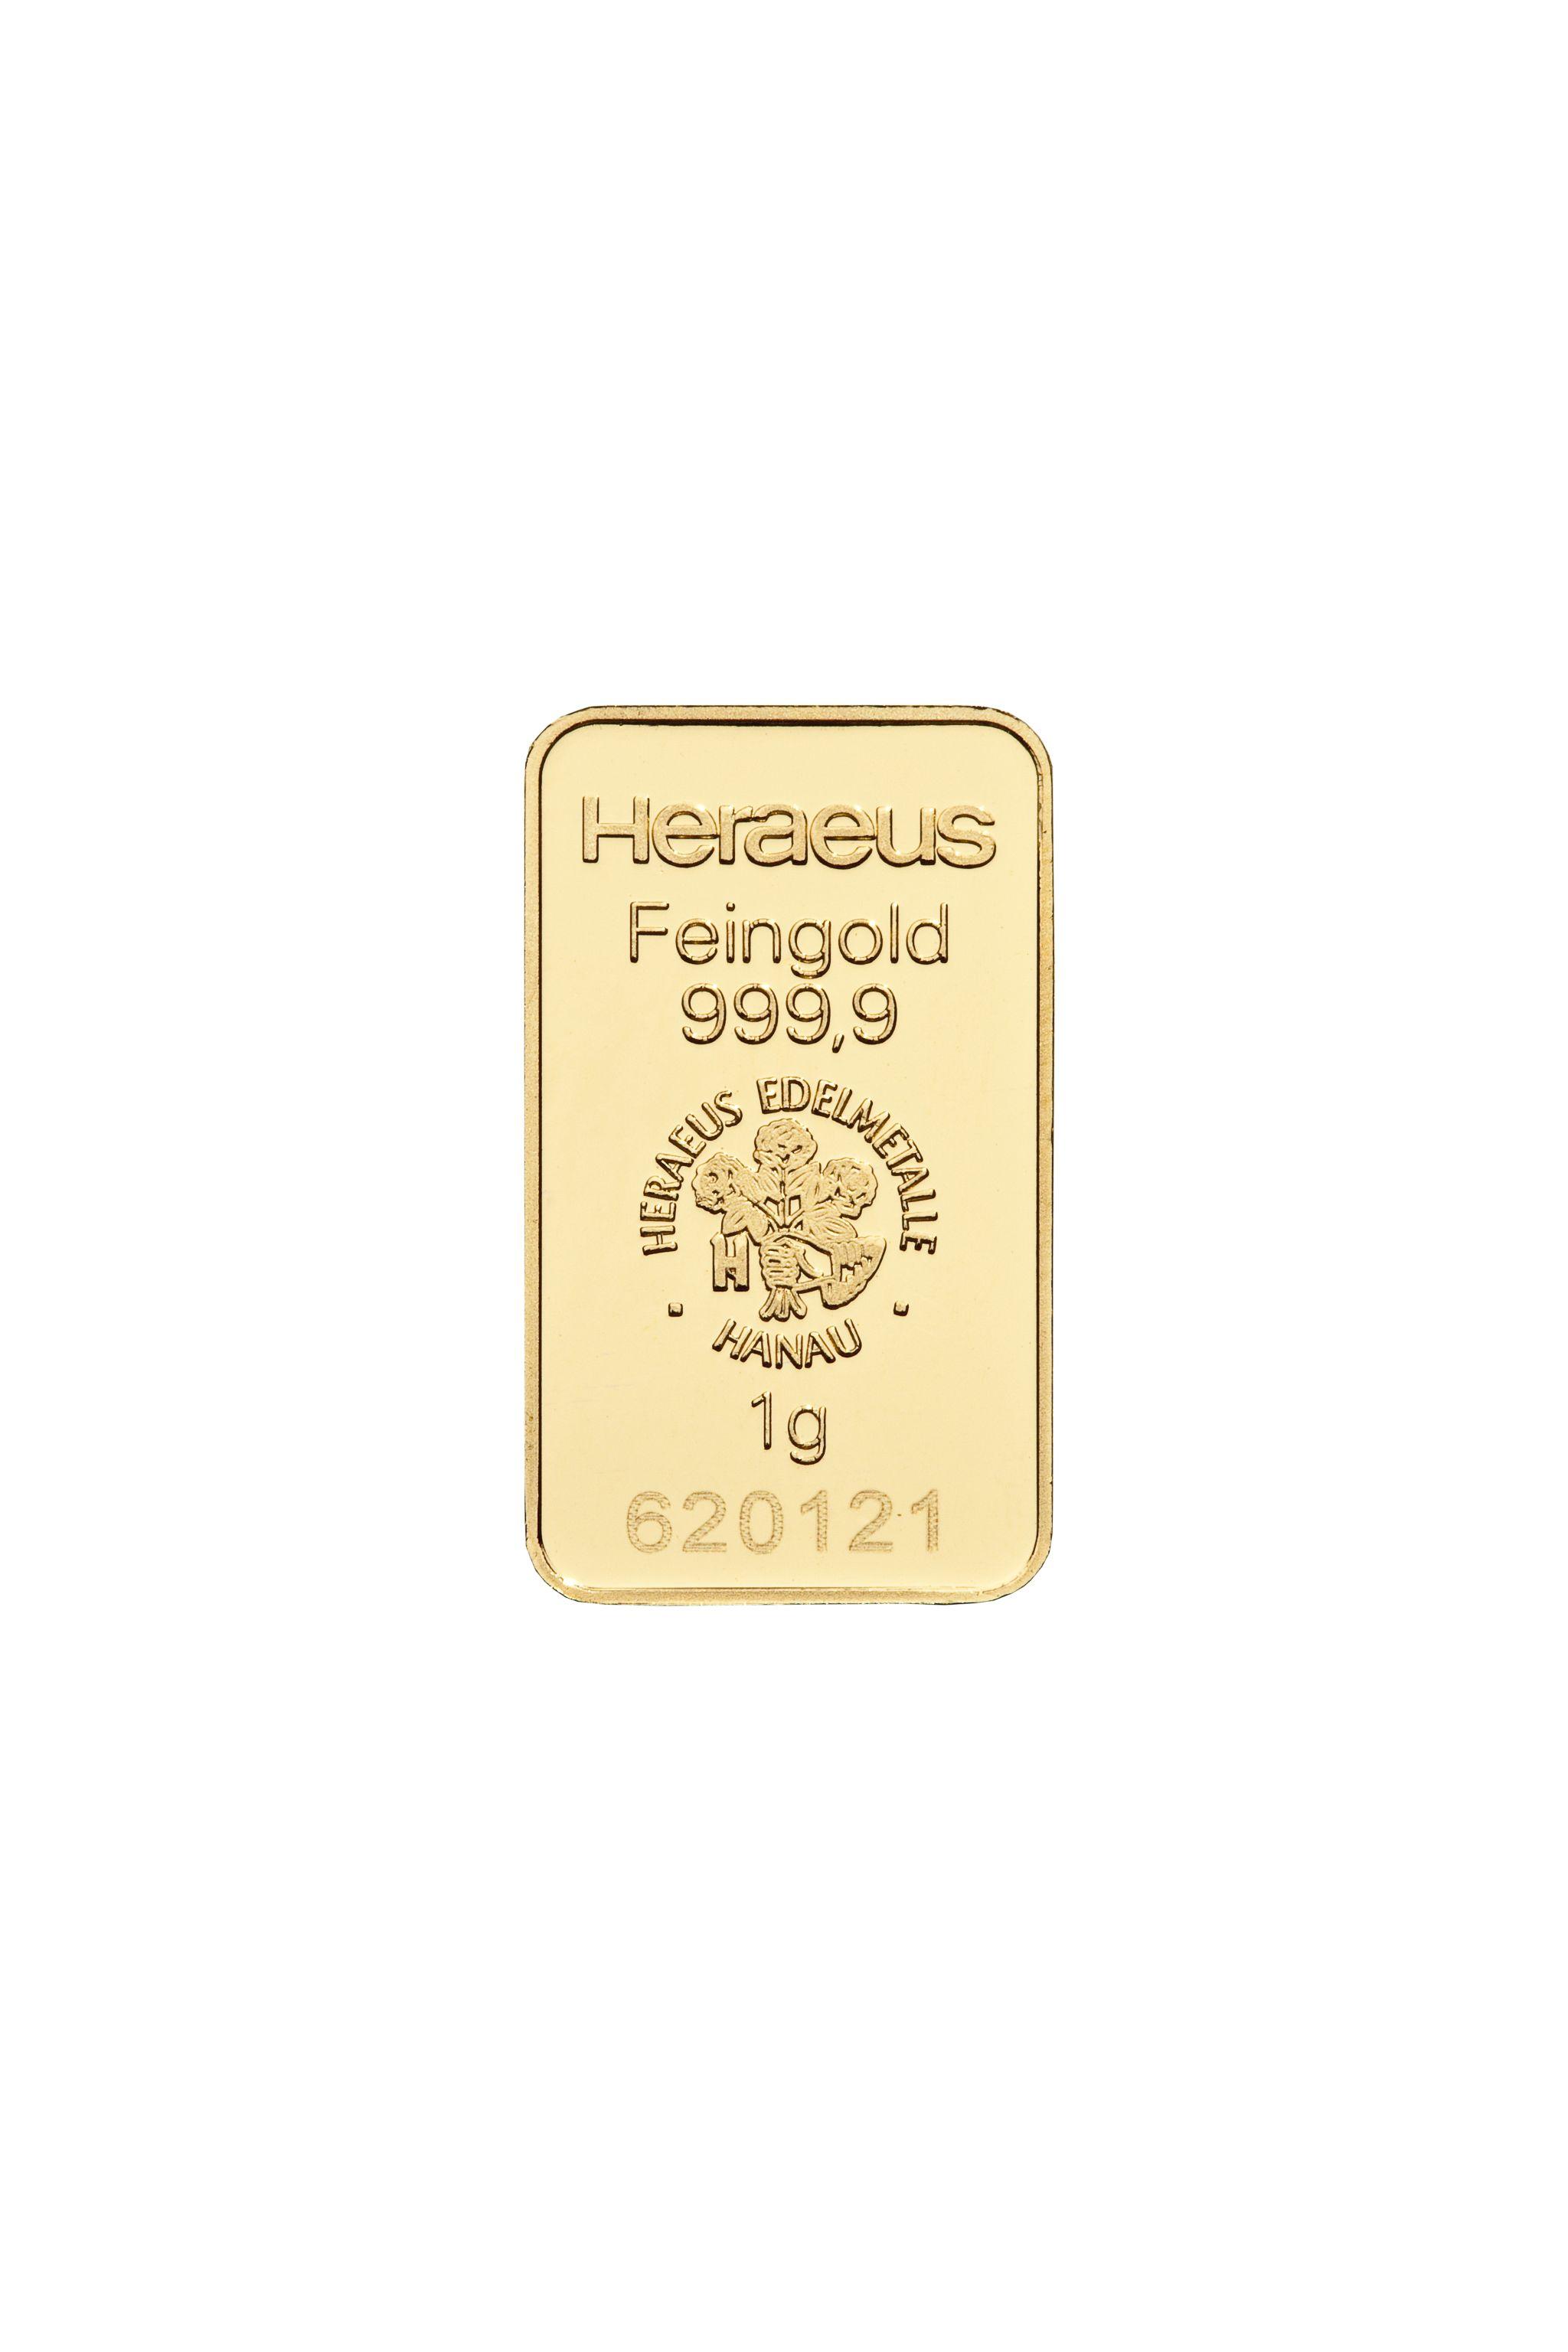 1g Heraeus Goldbarren